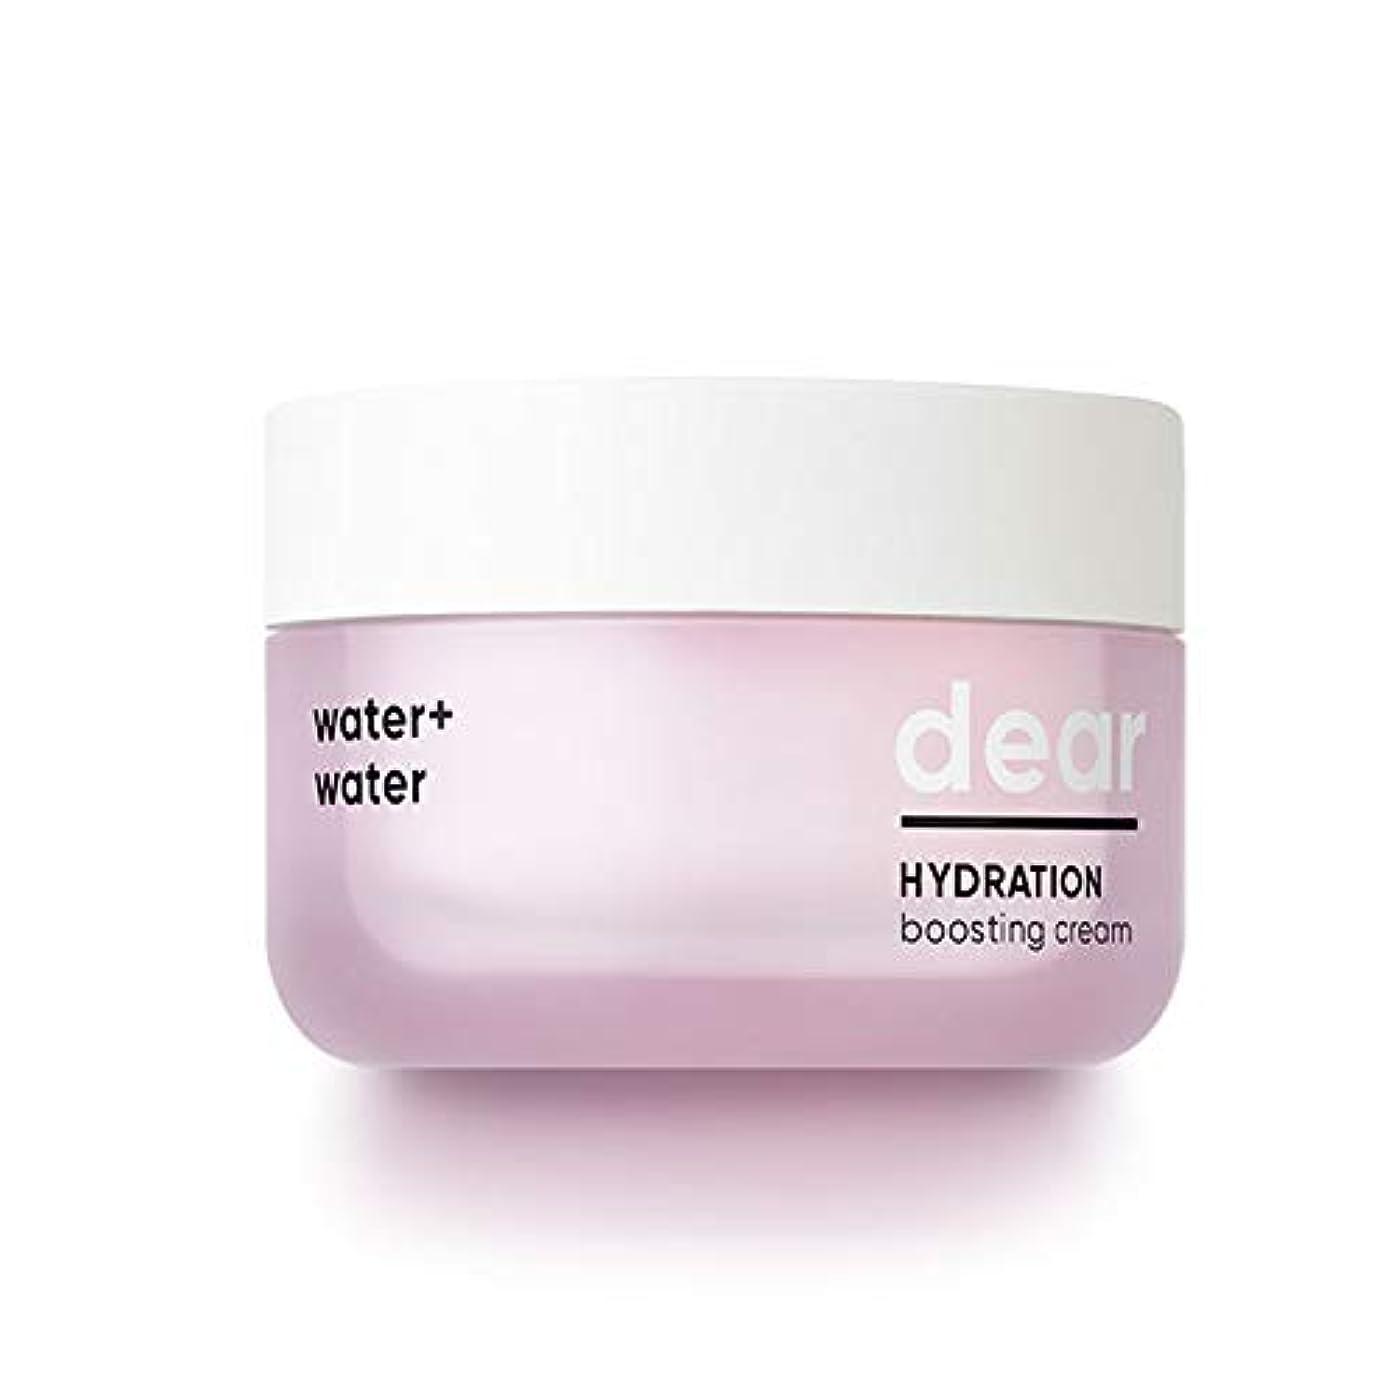 履歴書チャンピオンシップ作りますBANILA CO(バニラコ) ディア ハイドレーション ブースティングクローム Dear Hydration Boosting Cream